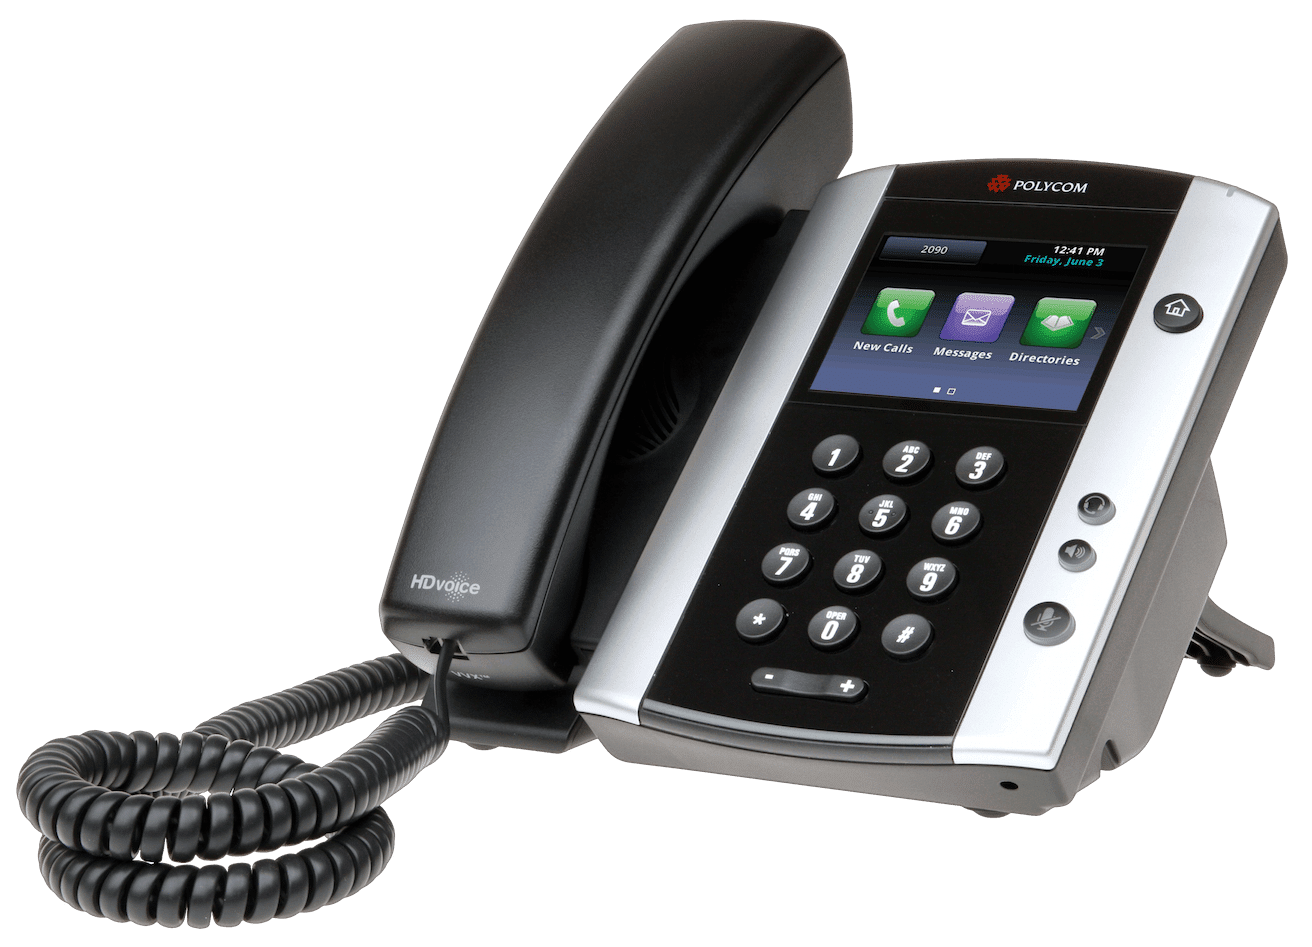 Polycom VVX501 VoIP phone